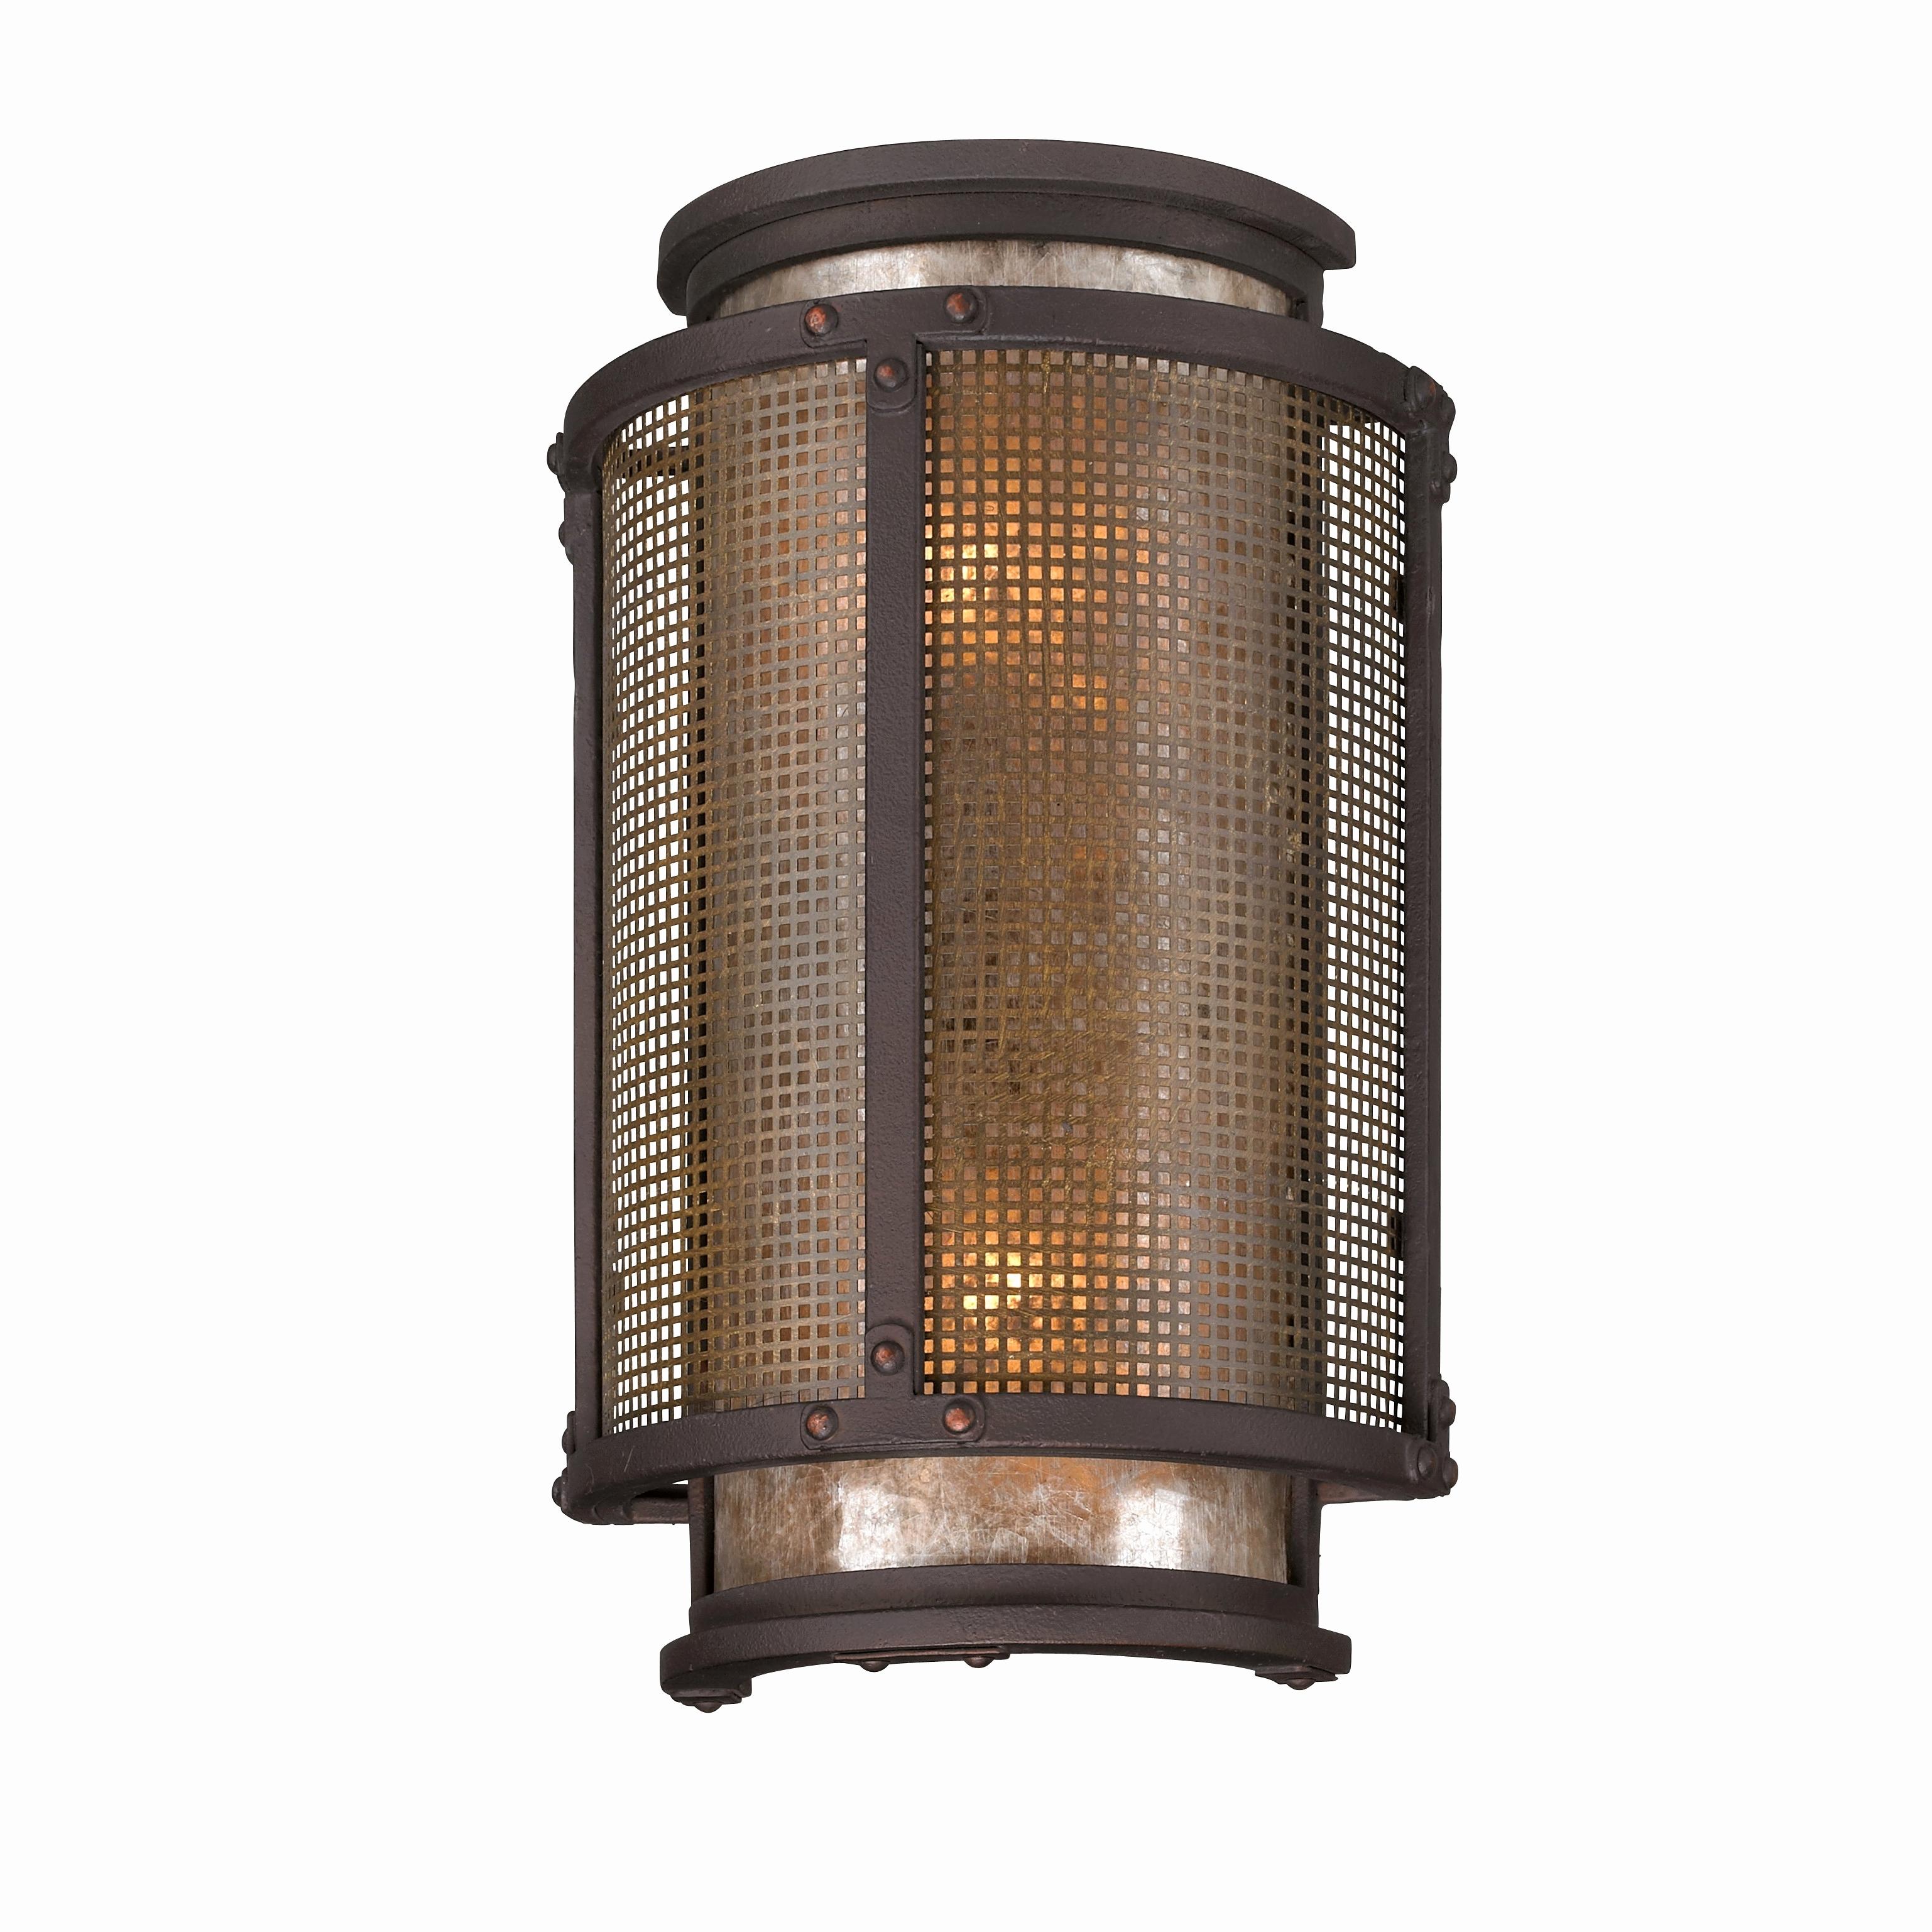 Commercial Outdoor Ceiling Lighting Fixtures | Best Home Template With Commercial Outdoor Ceiling Lighting Fixtures (#4 of 15)